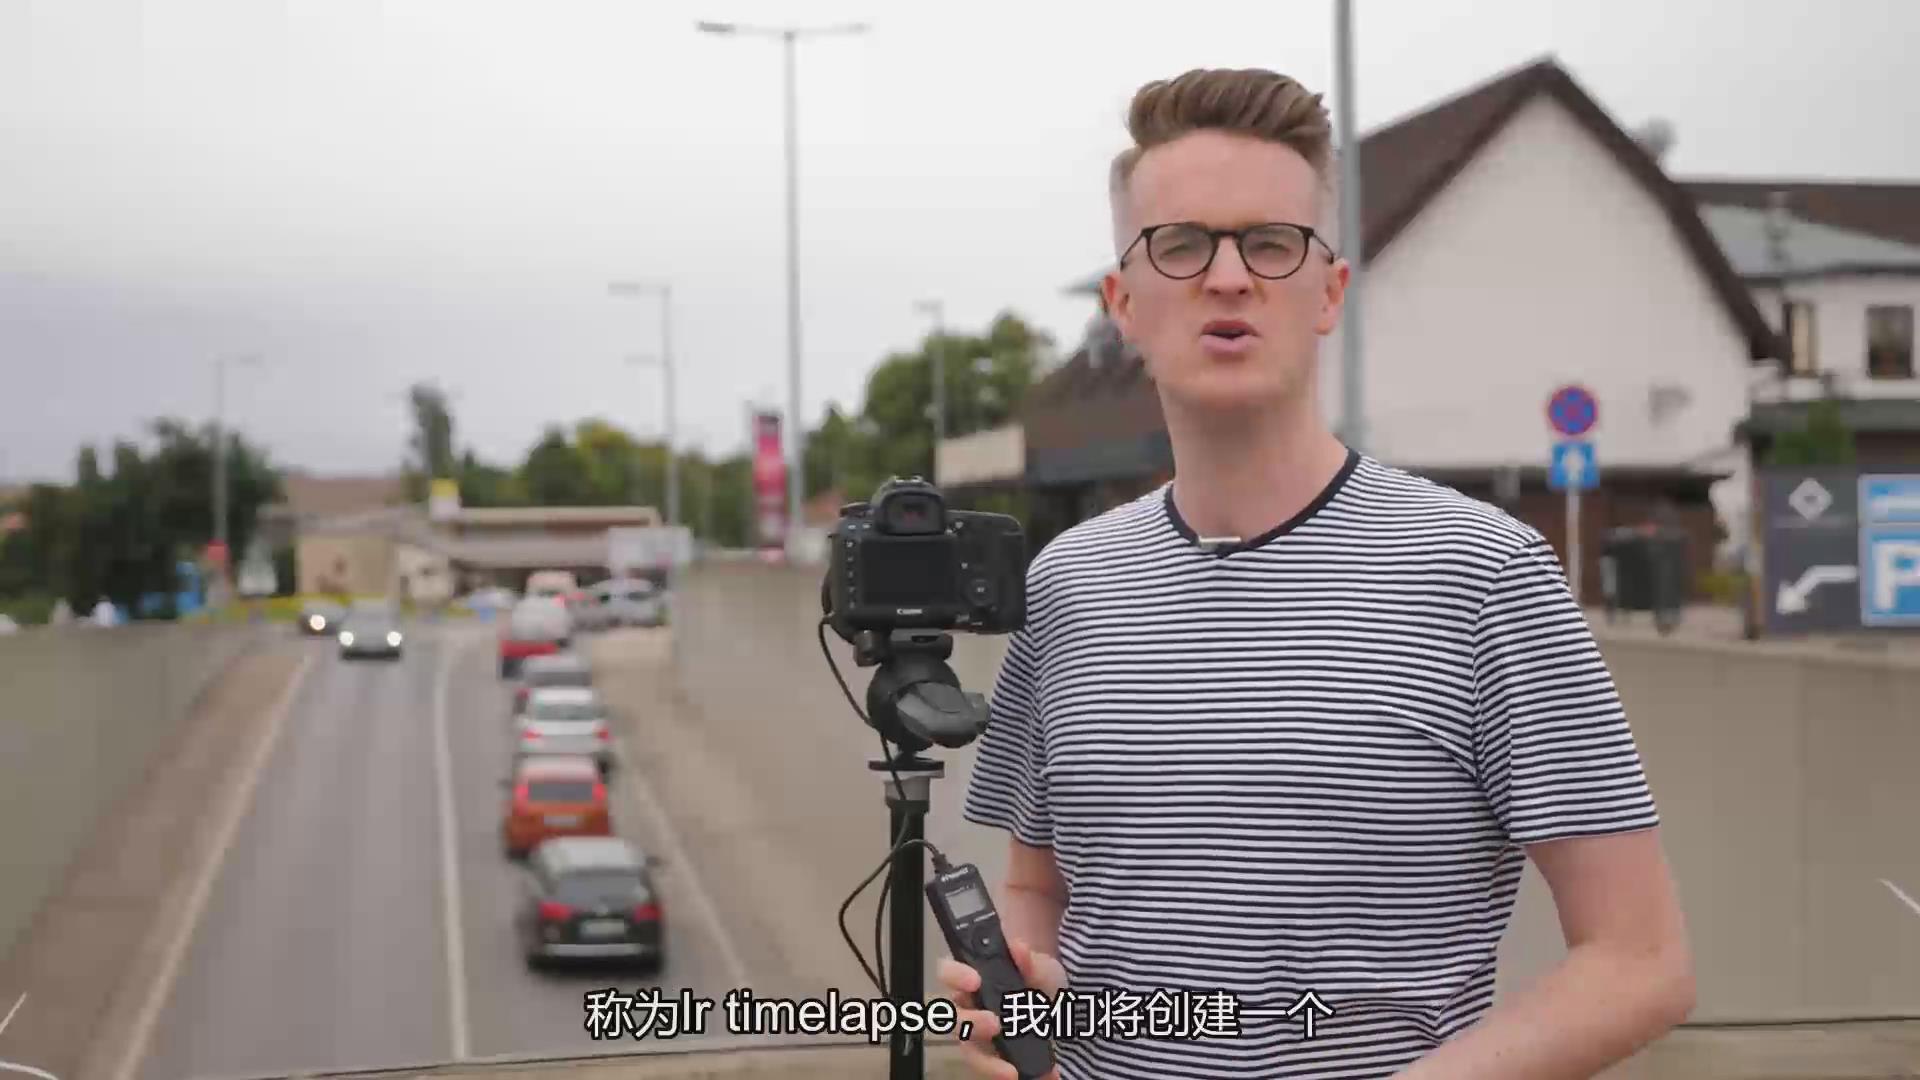 摄影教程_JOSHUA DUNLOP-30天创意摄影产品项目视频课程-中文字幕 摄影教程 _预览图20